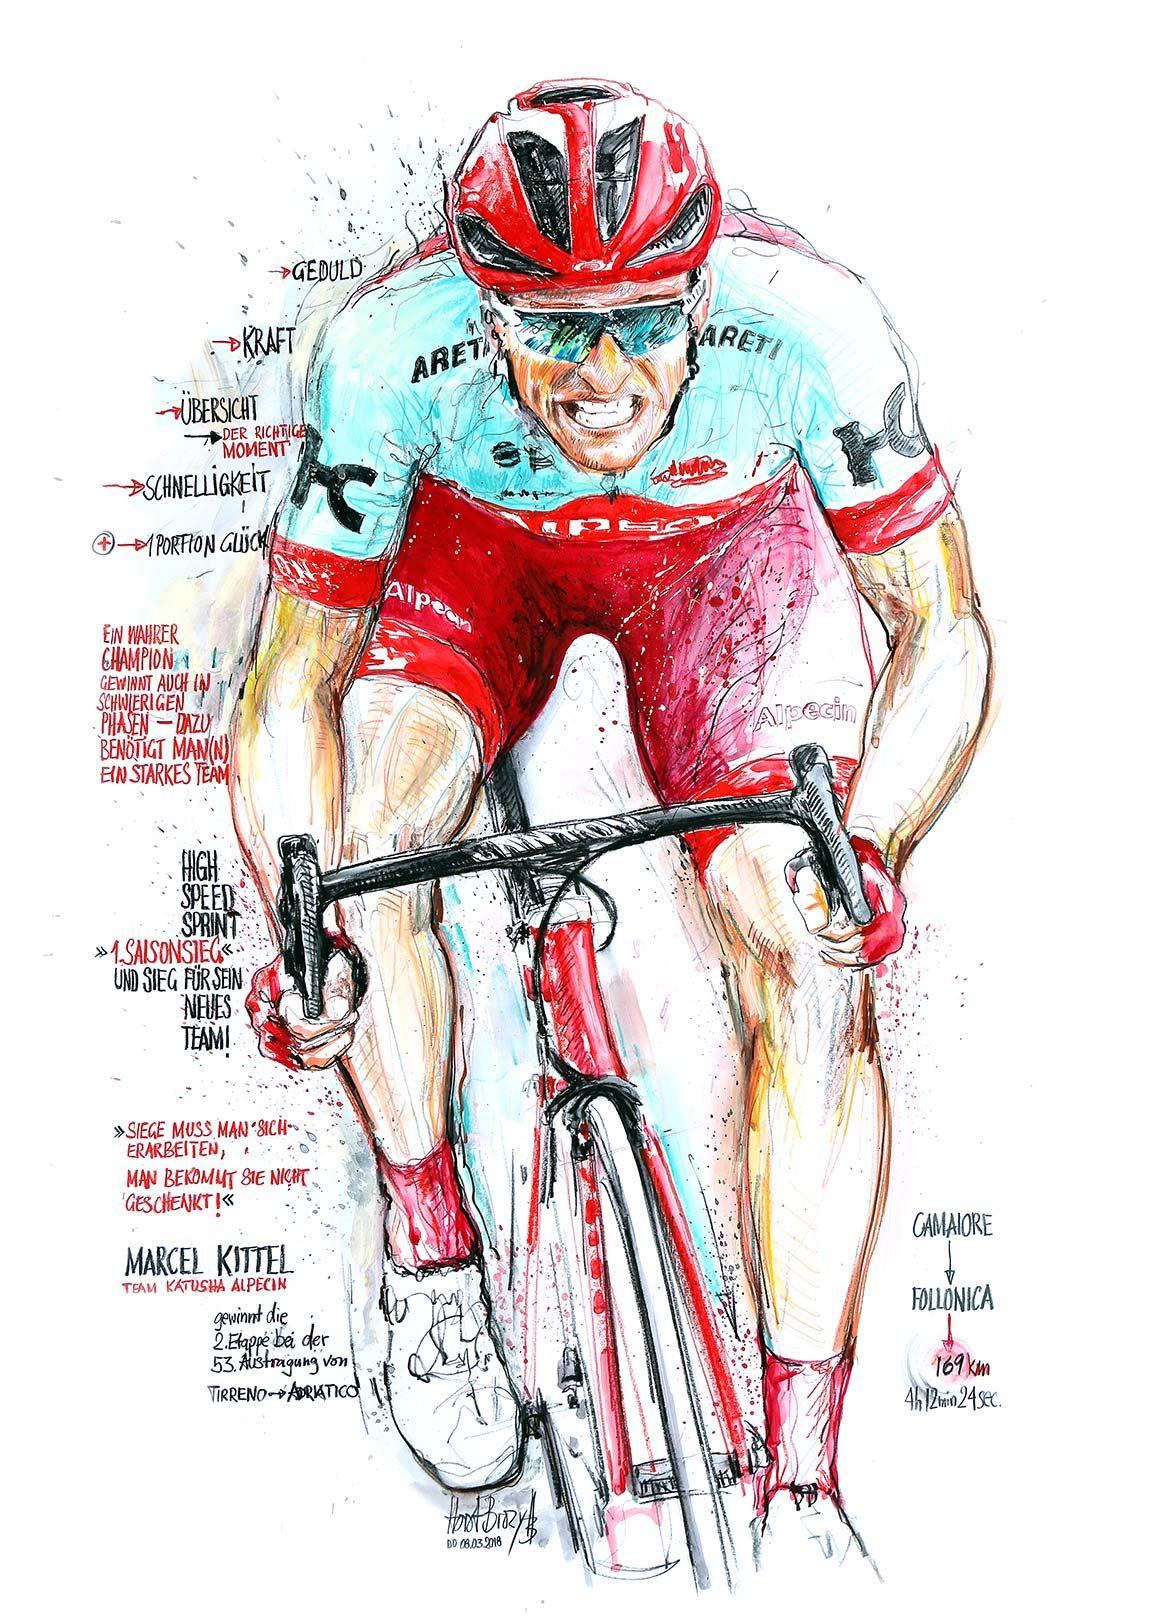 Marcel Kittel Team Katusha Alpecin Gewinnt Die 2 Etappe Bei Der